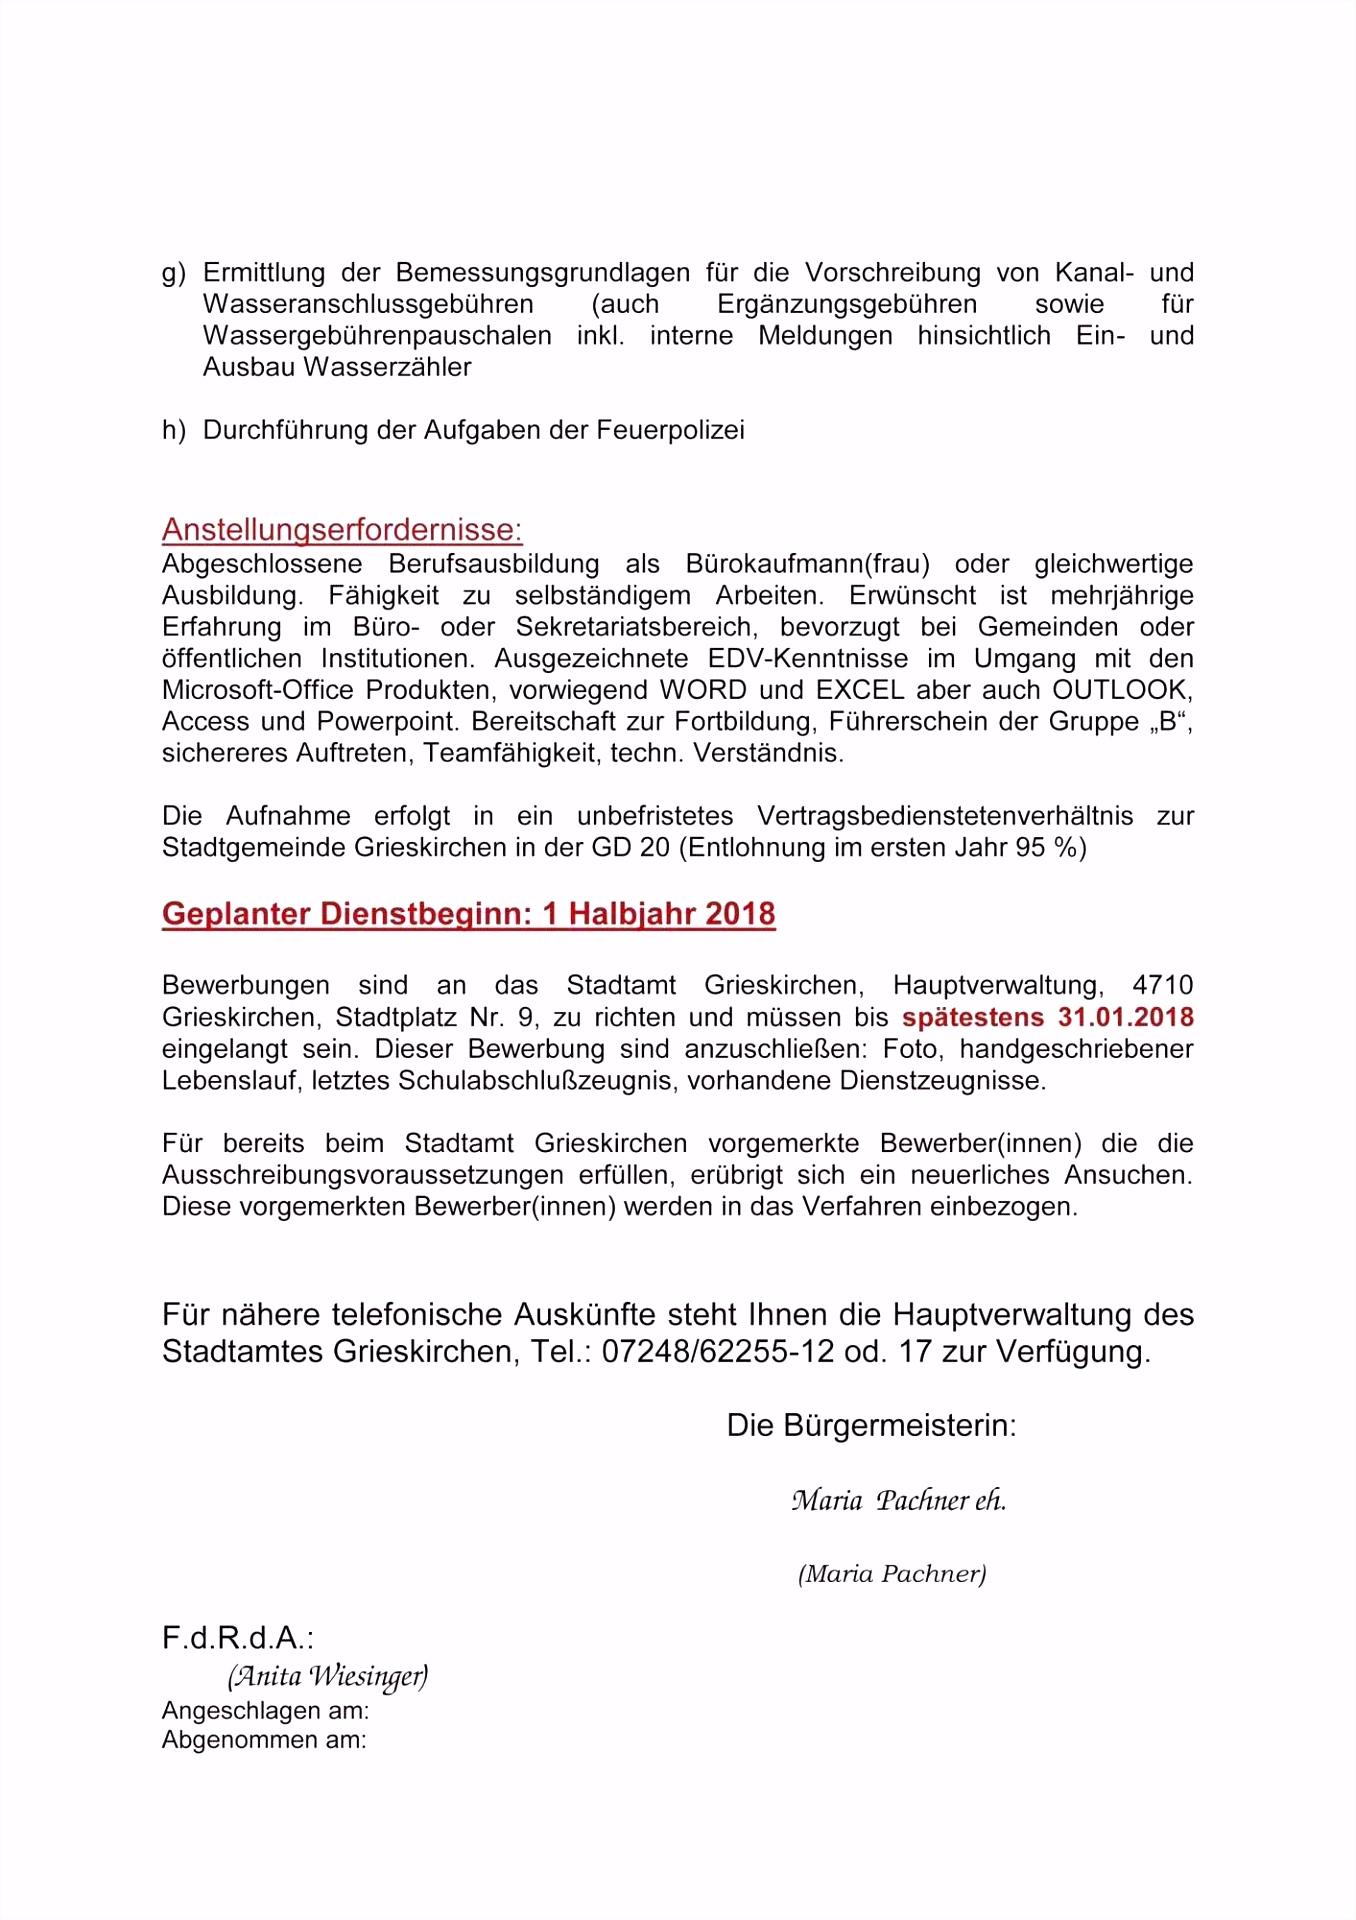 Letzte Mahnung Schreiben Vorlage 17 Bewerbung Auf Interne Stellenausschreibung V3it68fsy4 V5uk26tdyu